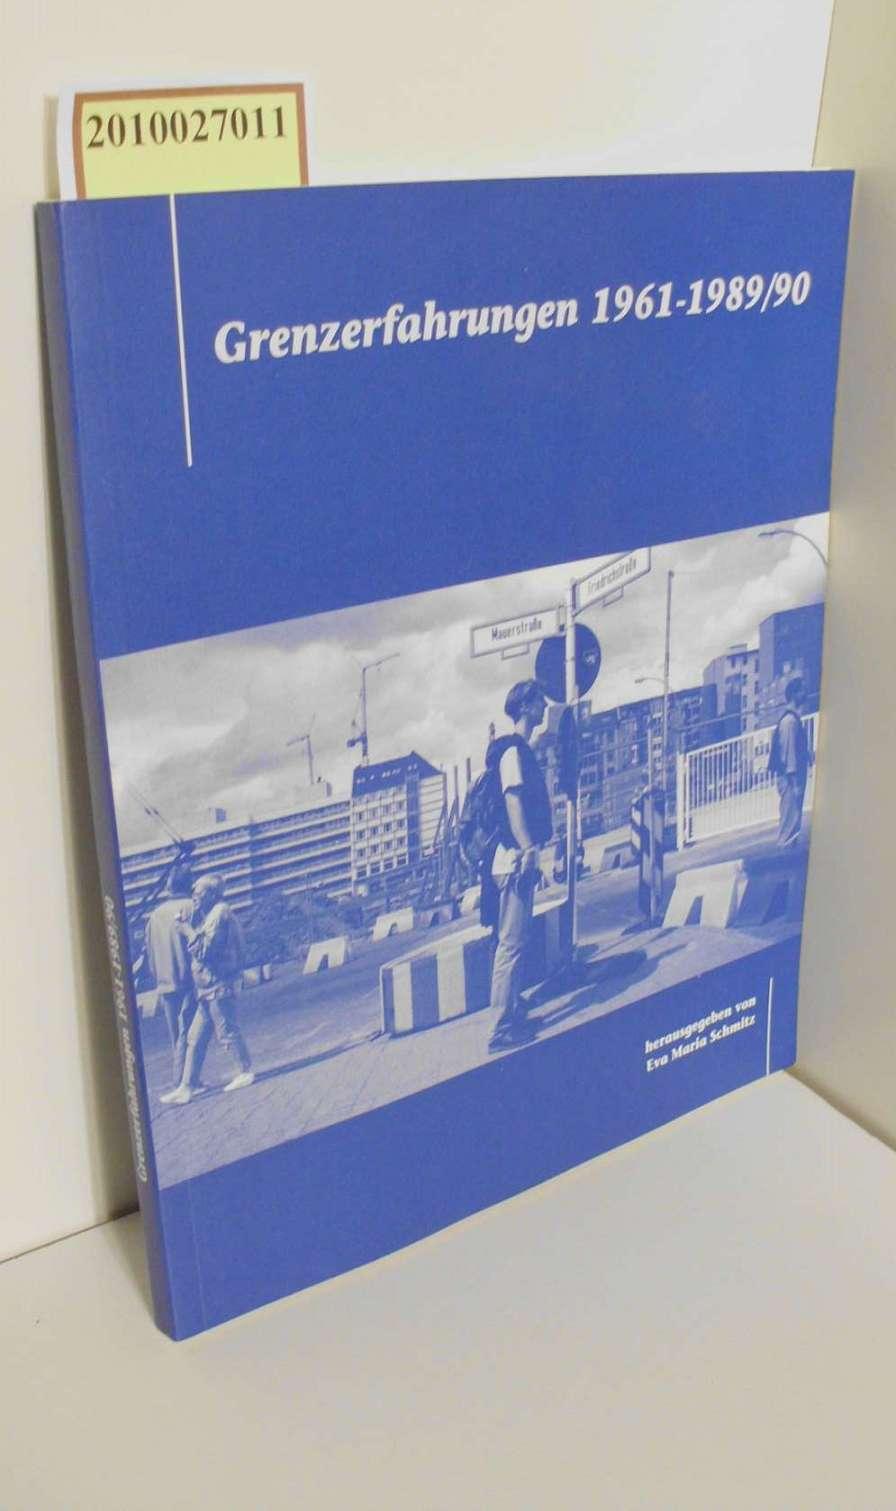 Grenzerfahrungen 1961-1989/90